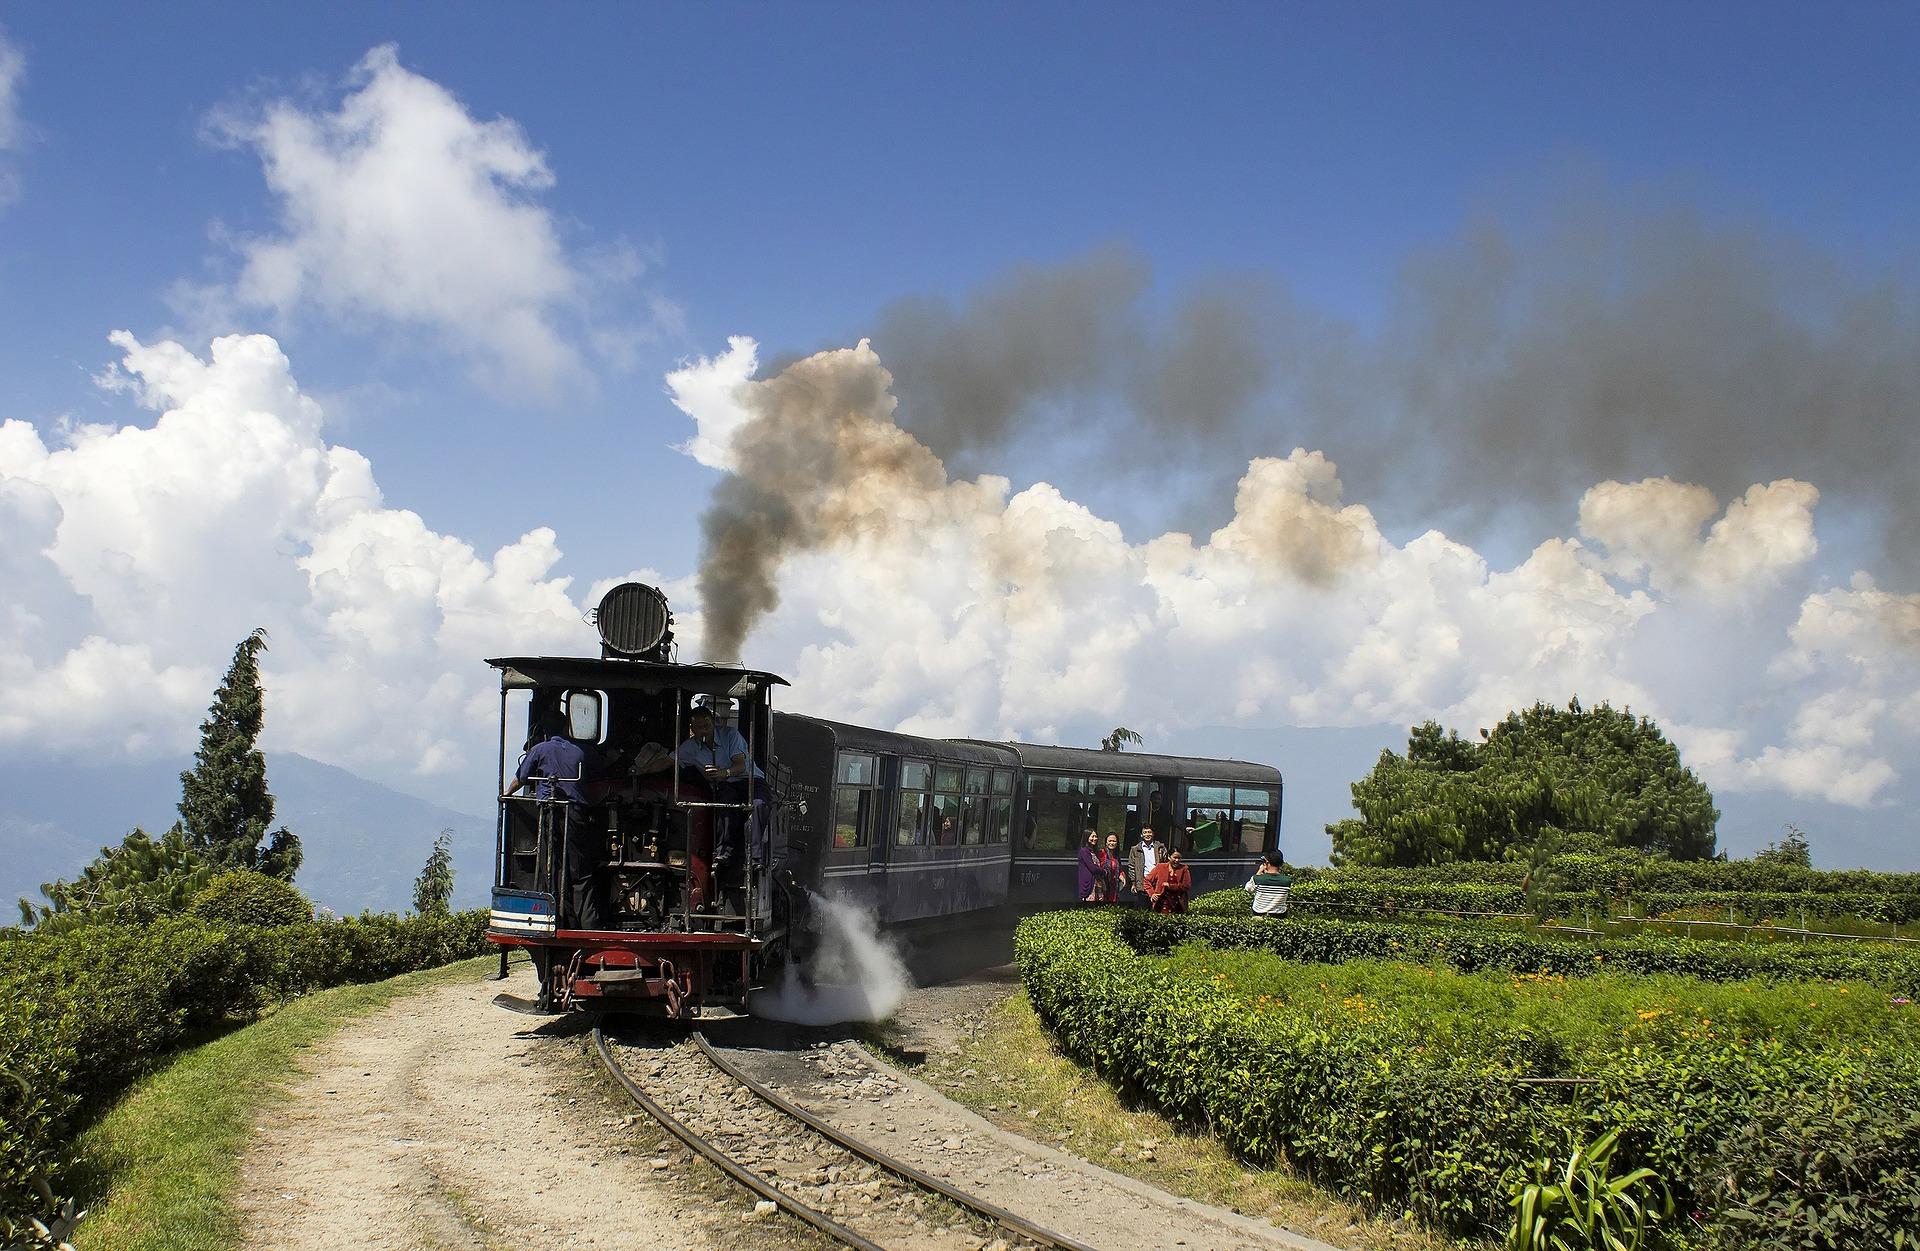 darjeeling-197611_1920